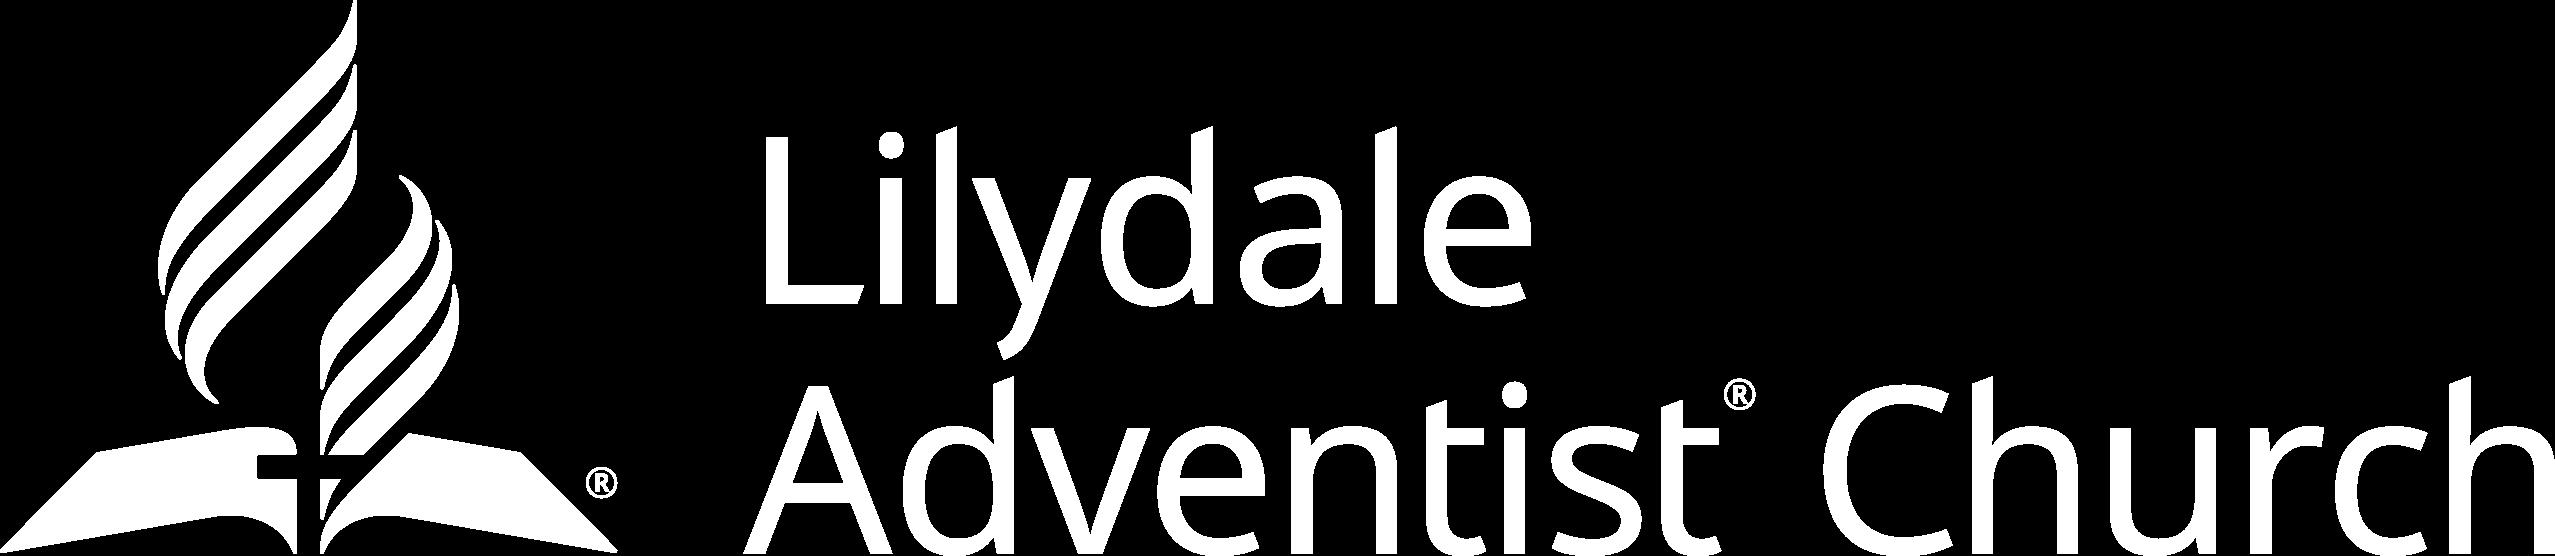 Lilydale Adventist Church